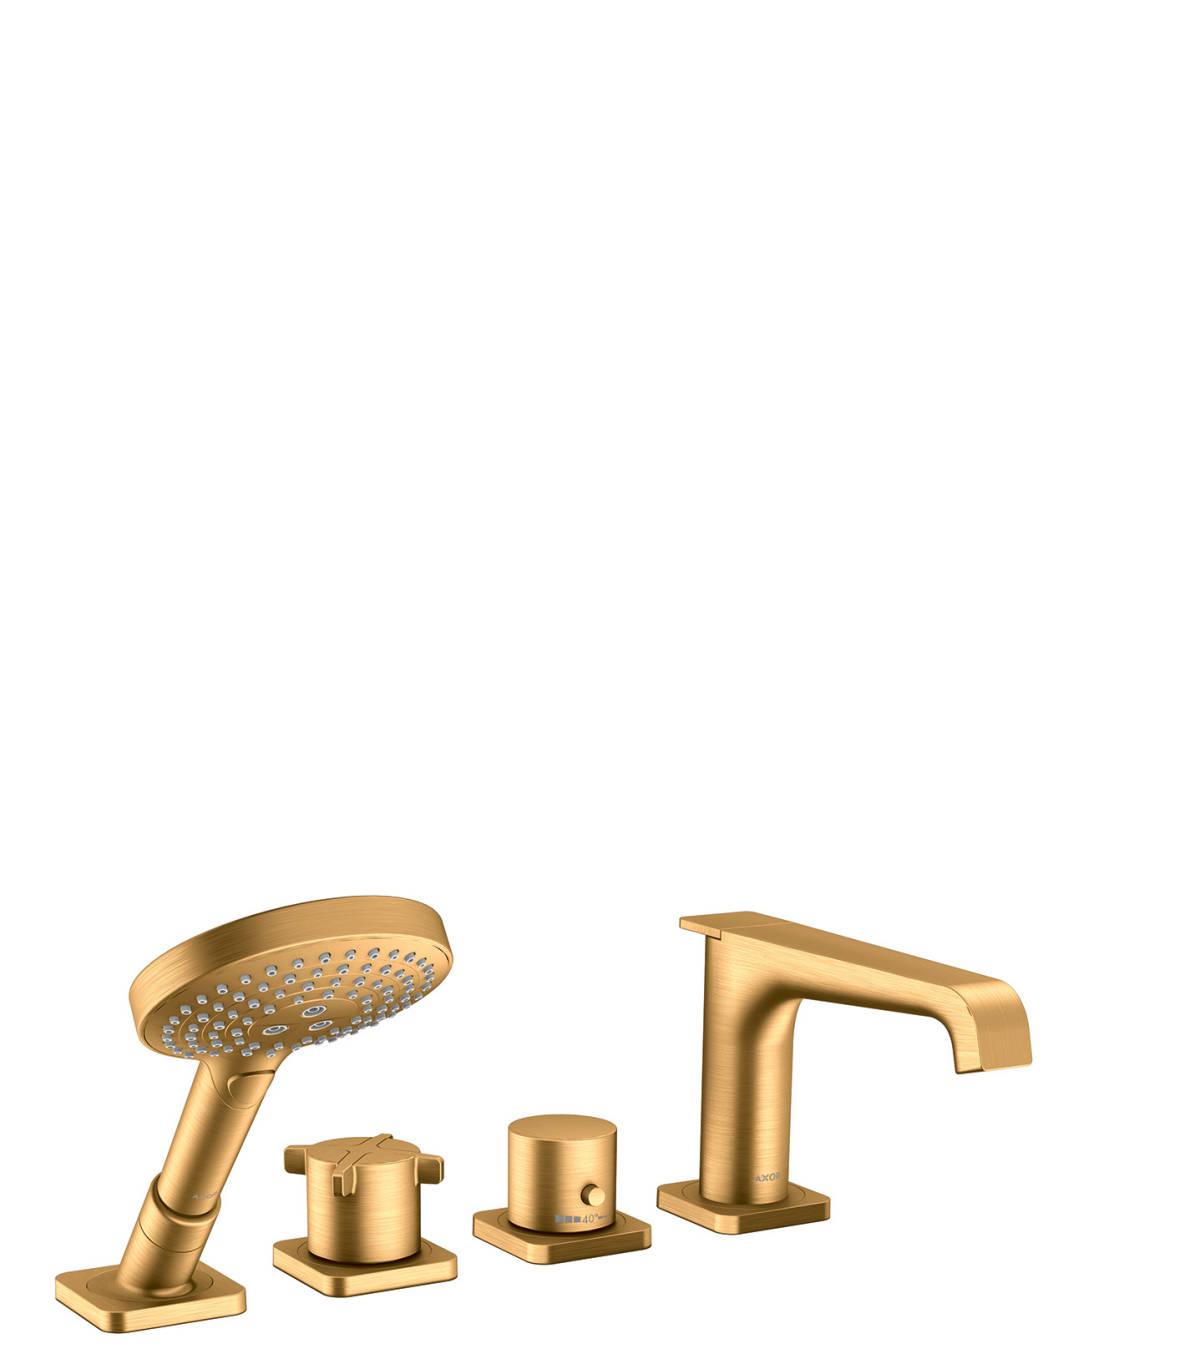 Grifería termostática de 4 agujeros para montaje sobre borde de bañera, color oro cepillado, 36411250